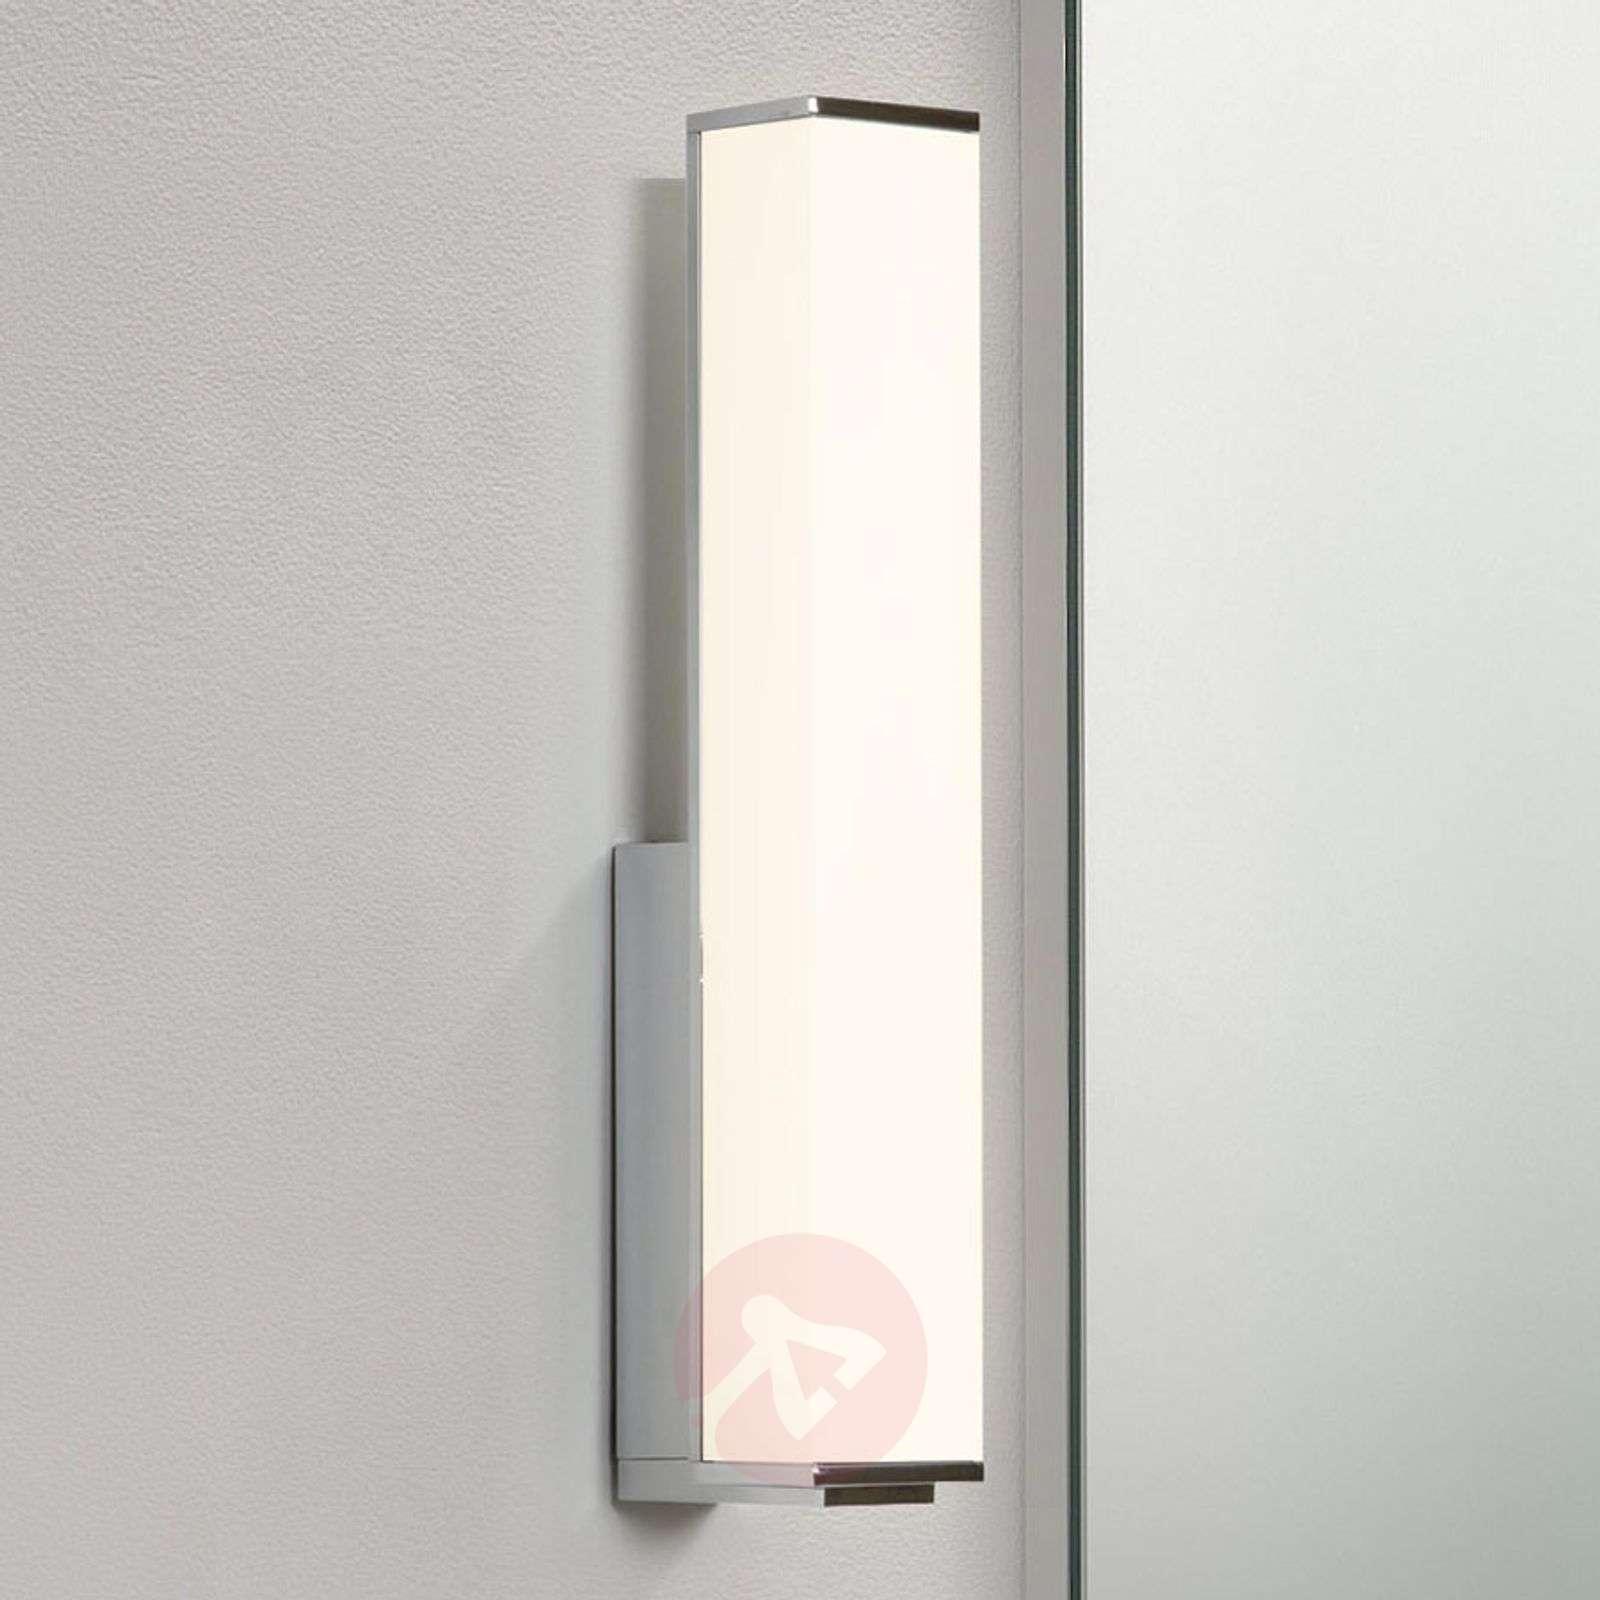 LED-peilivalaisin Karla kylpyhuoneeseen-1020455-03